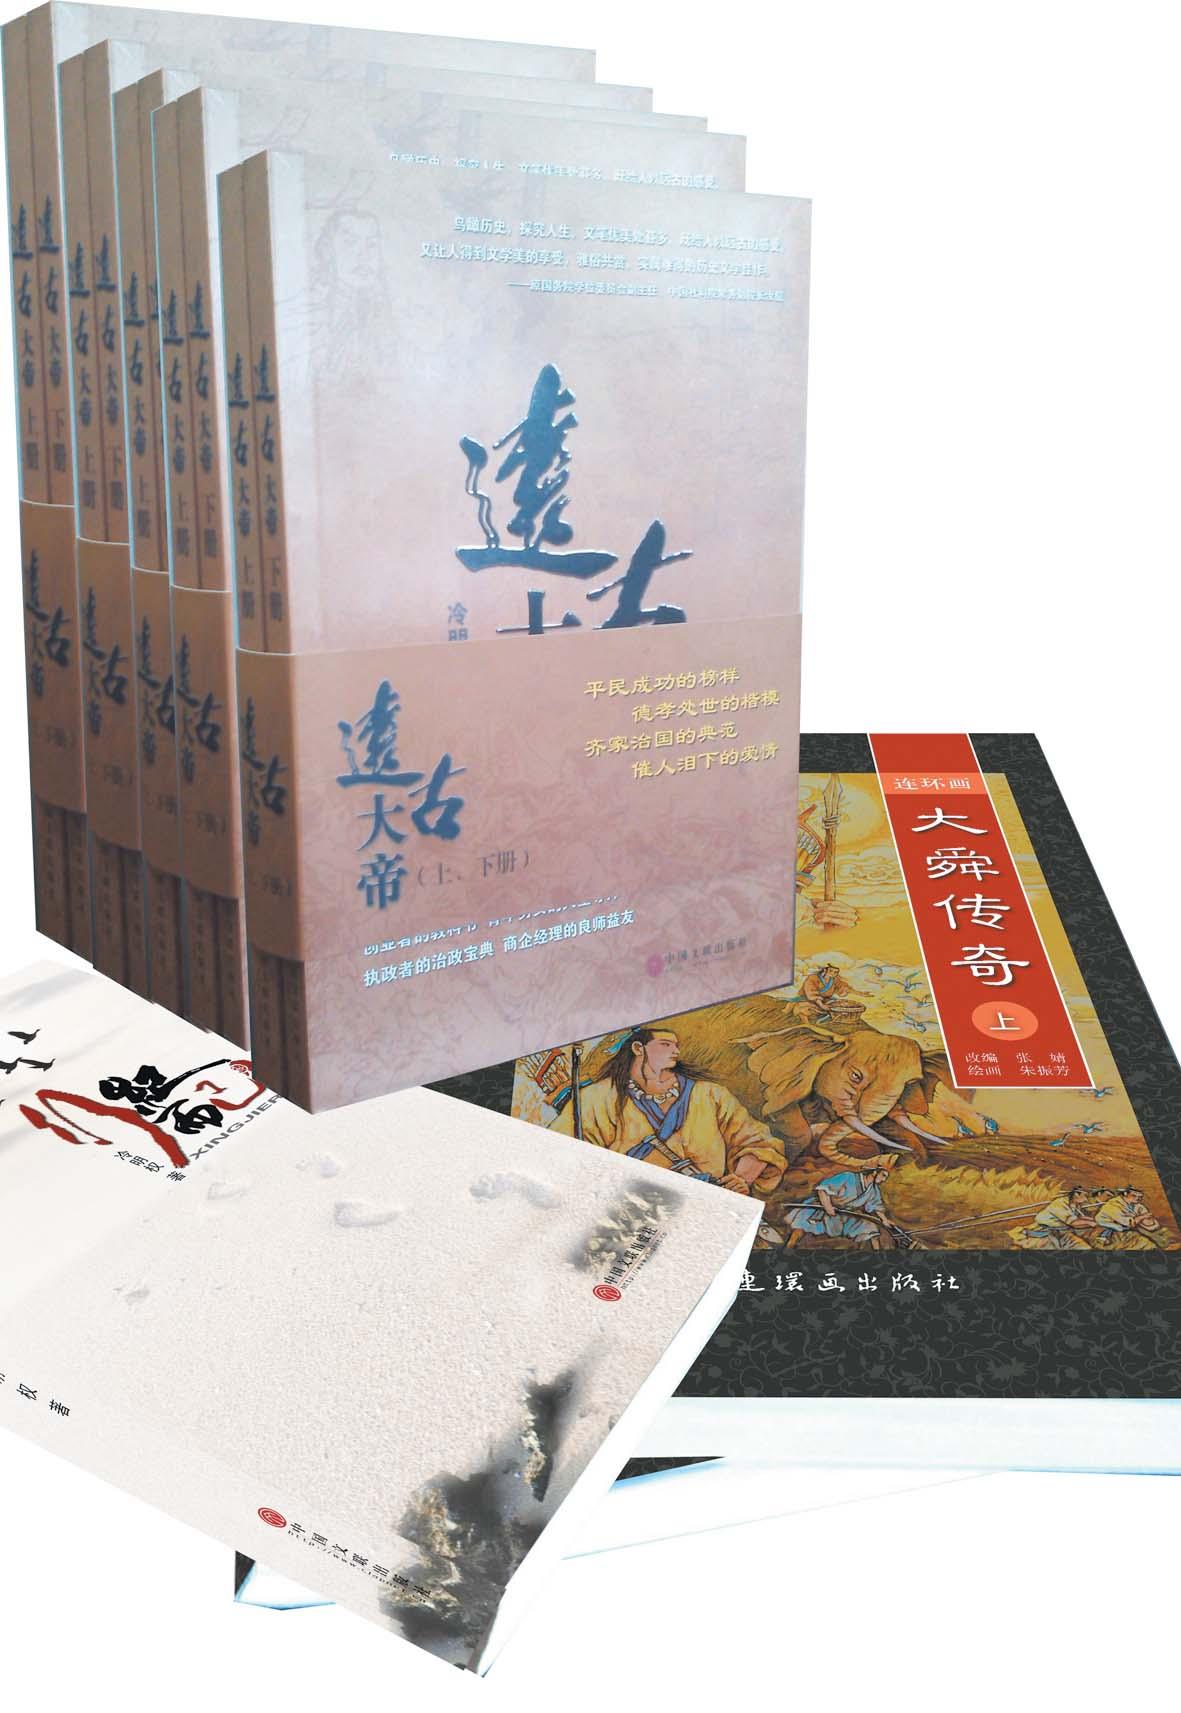 实现中国梦,必须激发中华民族精神基因,民族精神就要从传统文化的深厚